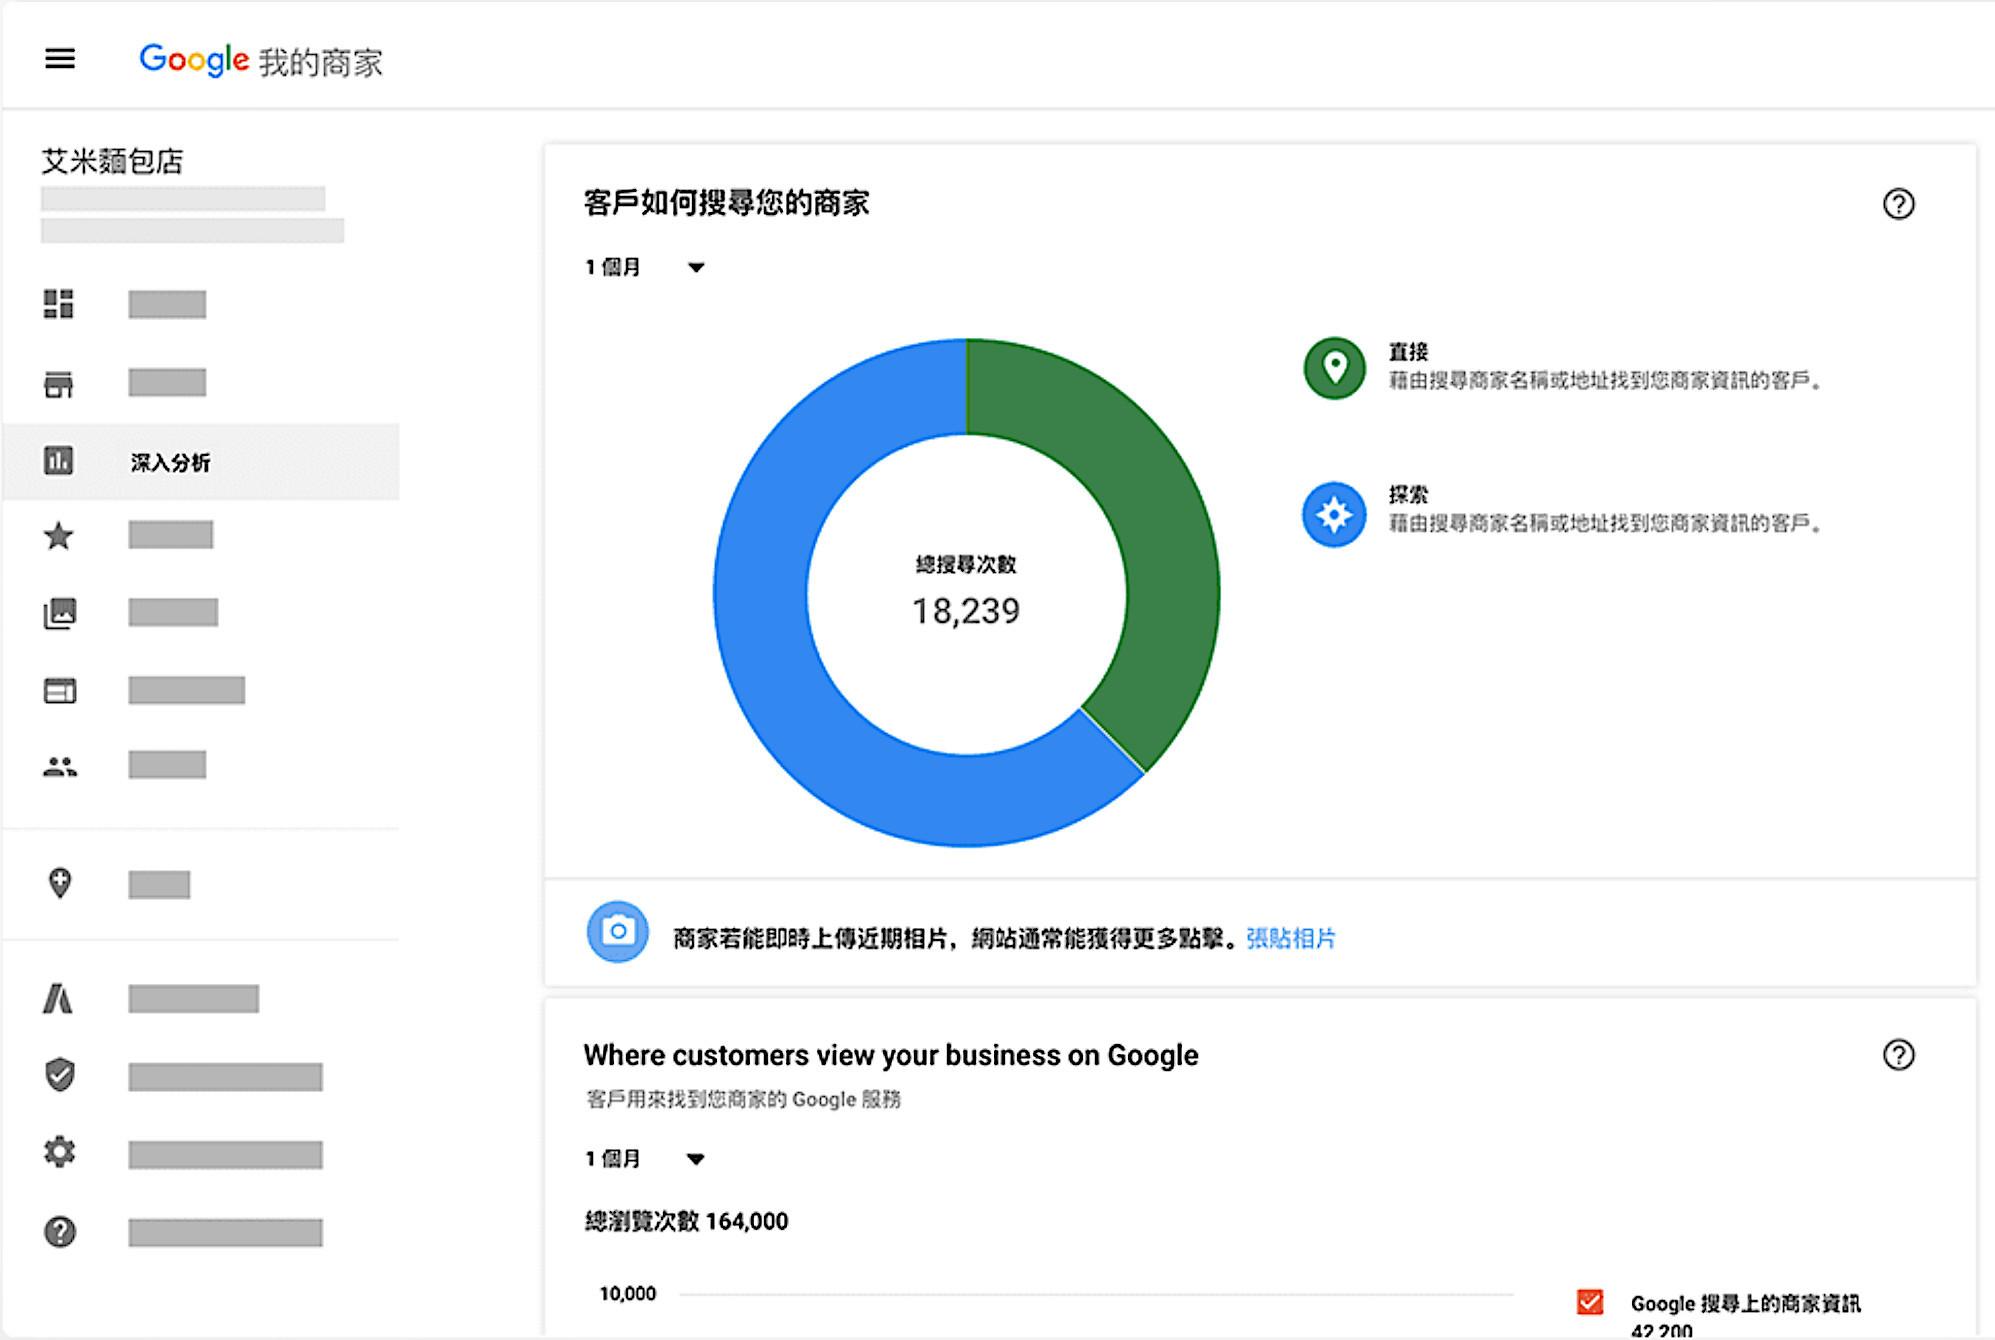 改善Google商家上的搜尋排名-深入分析-鯊客科技SEO網頁設計公司